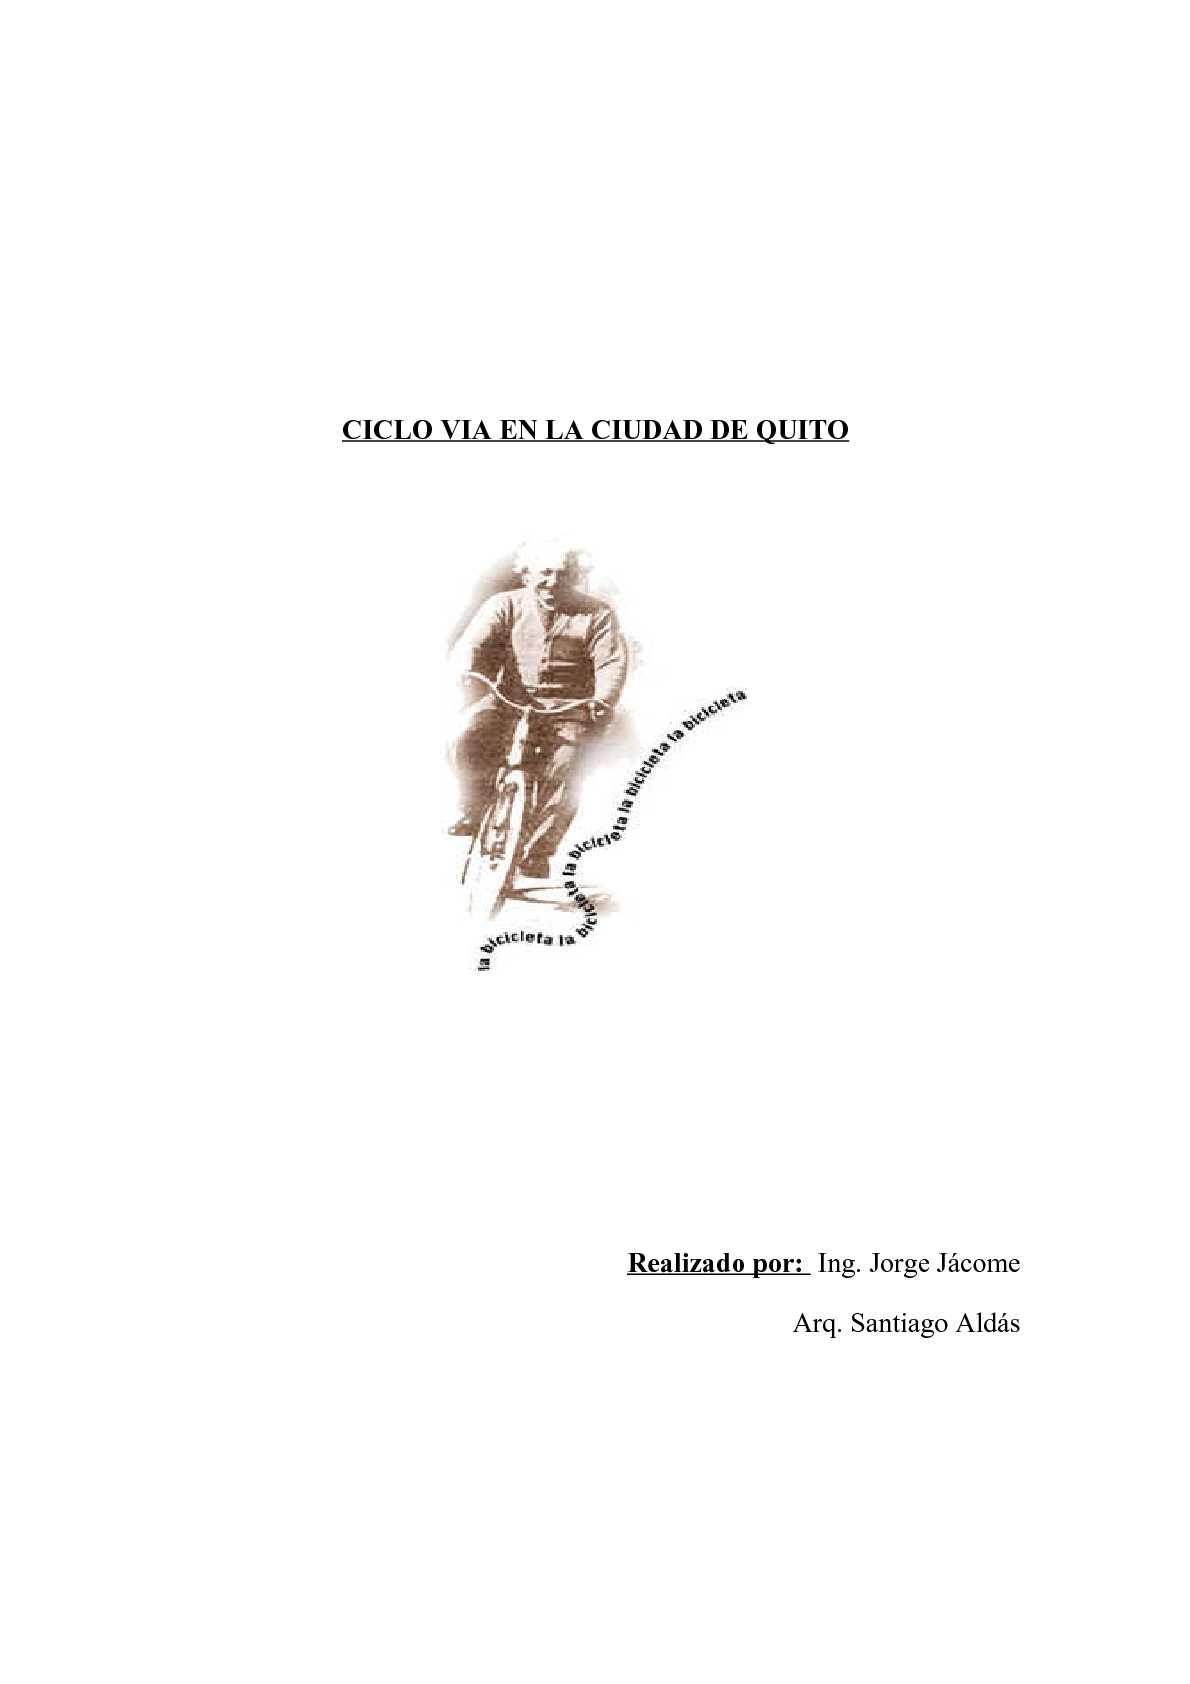 Análisis y requerimientos para ciclovia en ciudad (uio-ec) '03